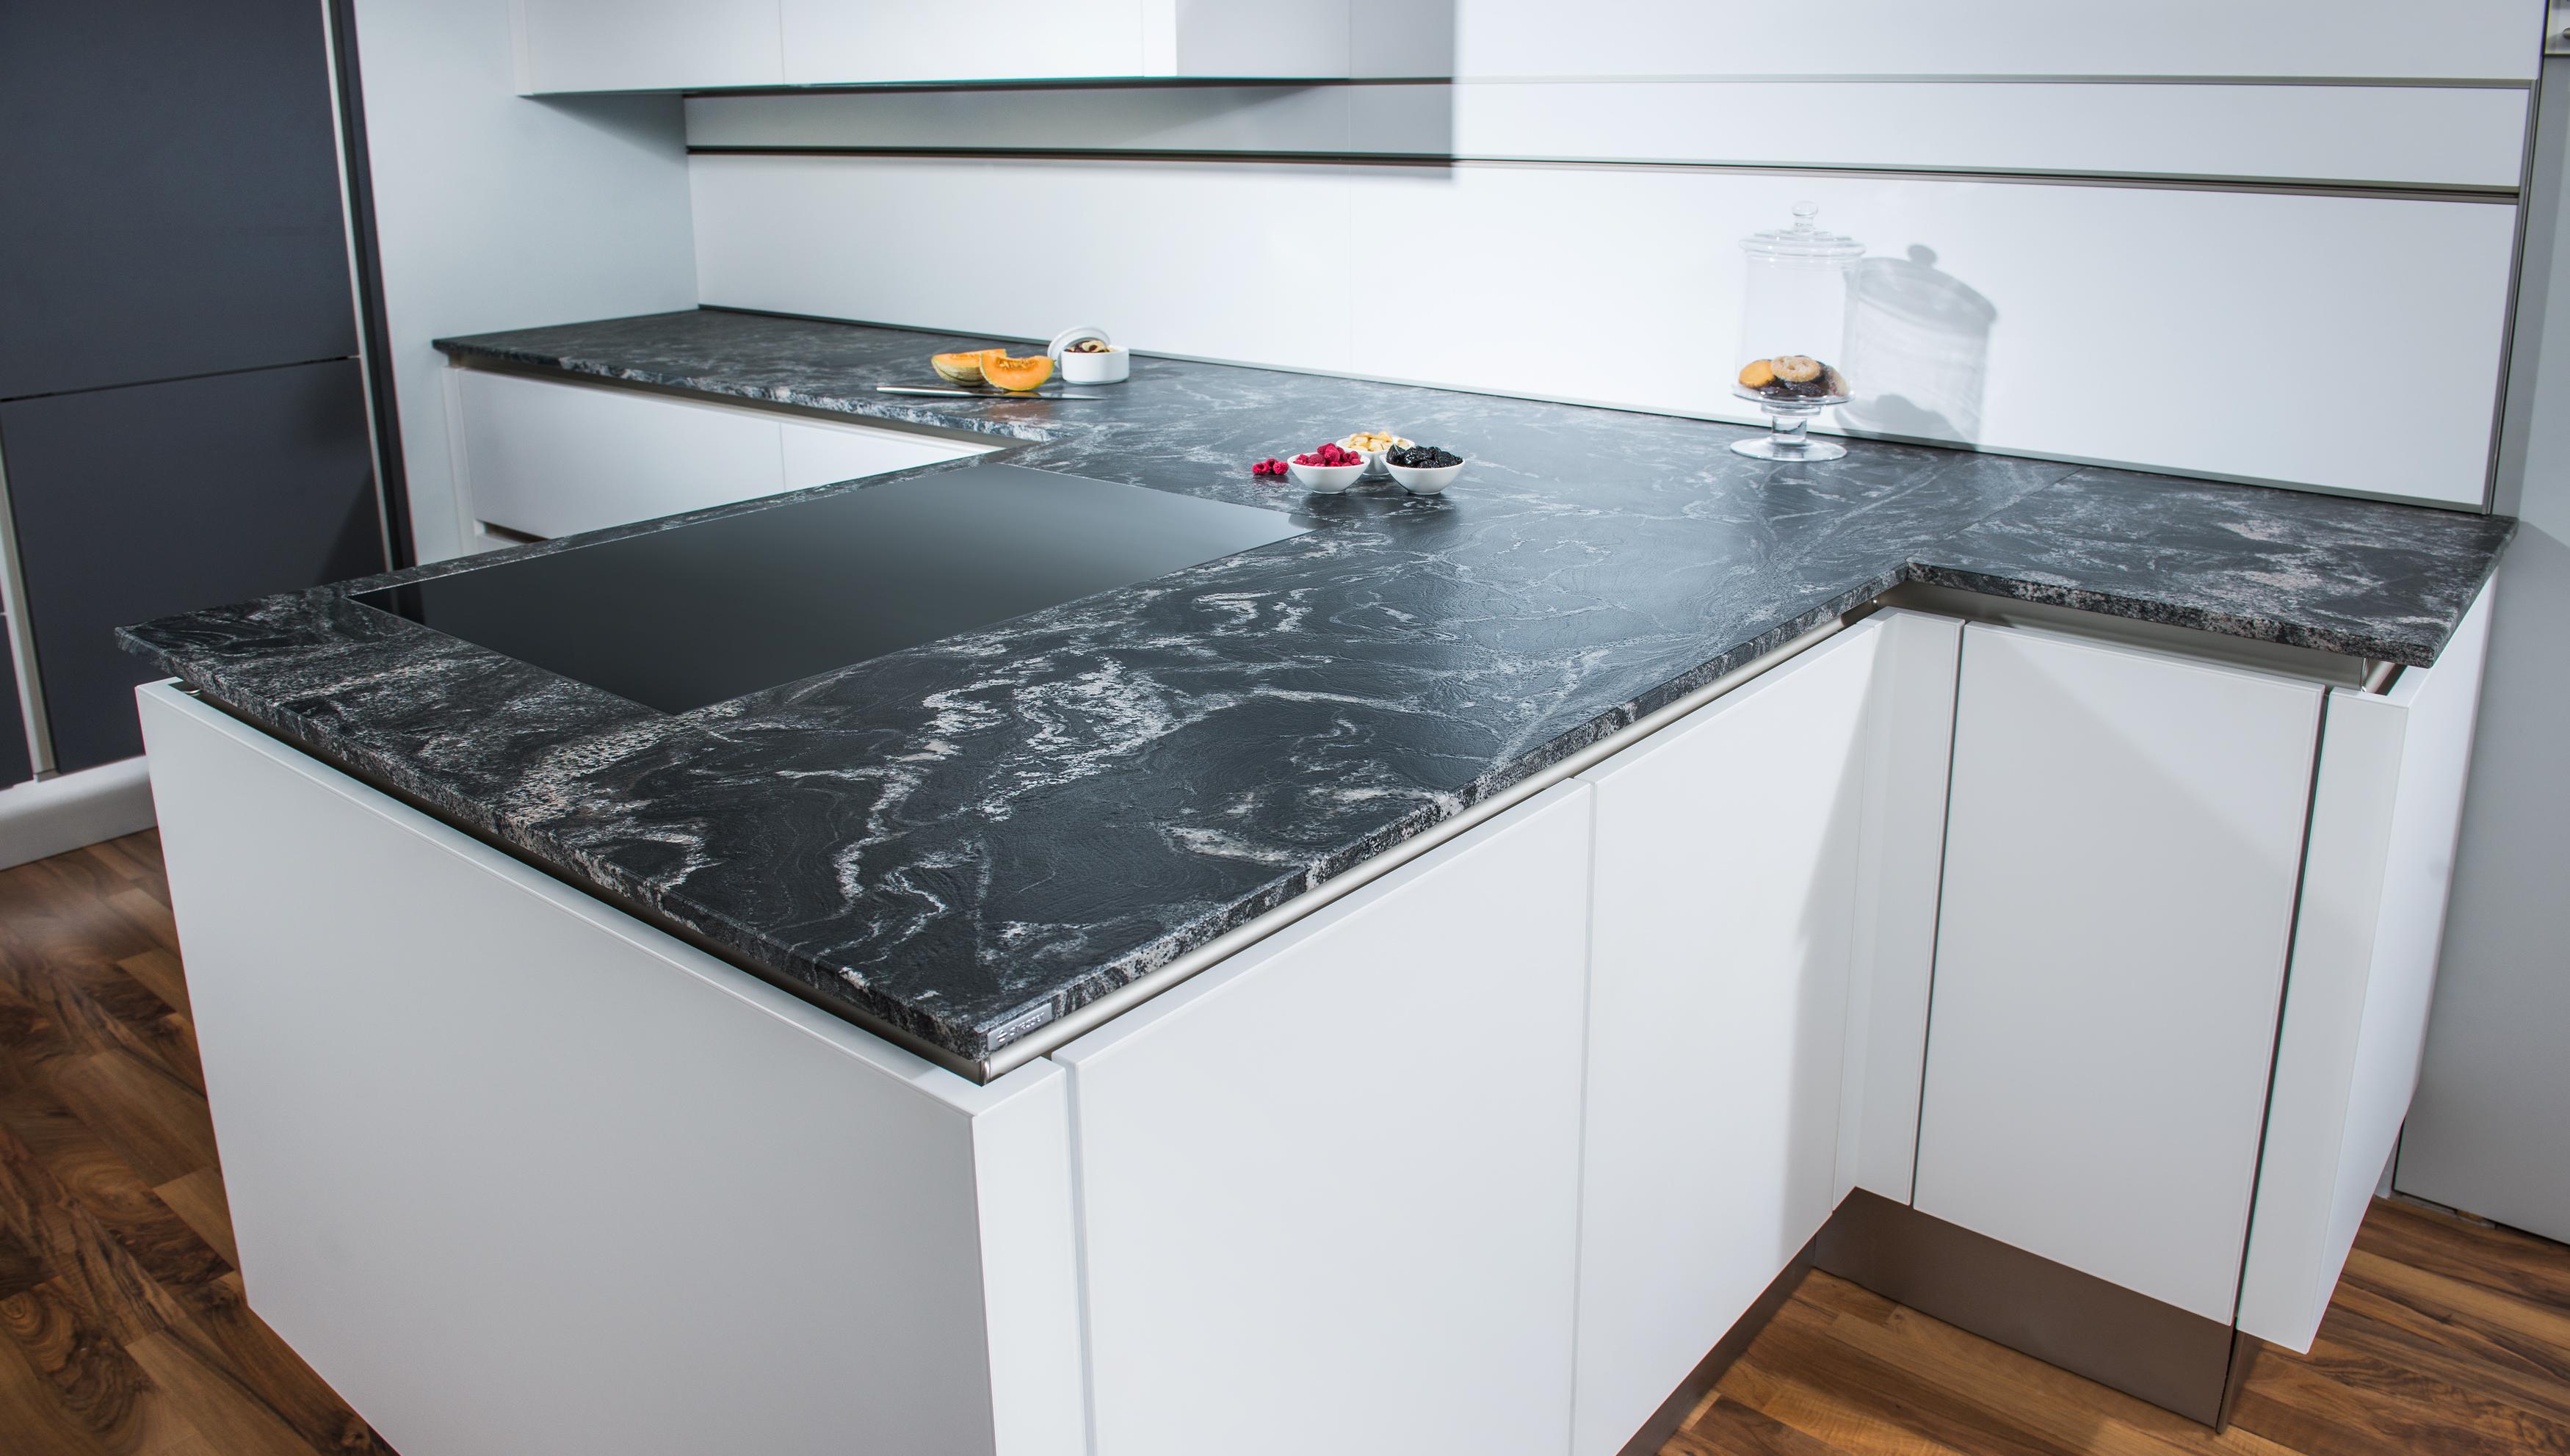 Wohnzimmerz: Arbeitsplatte Küche Stein With Star Galaxy ...